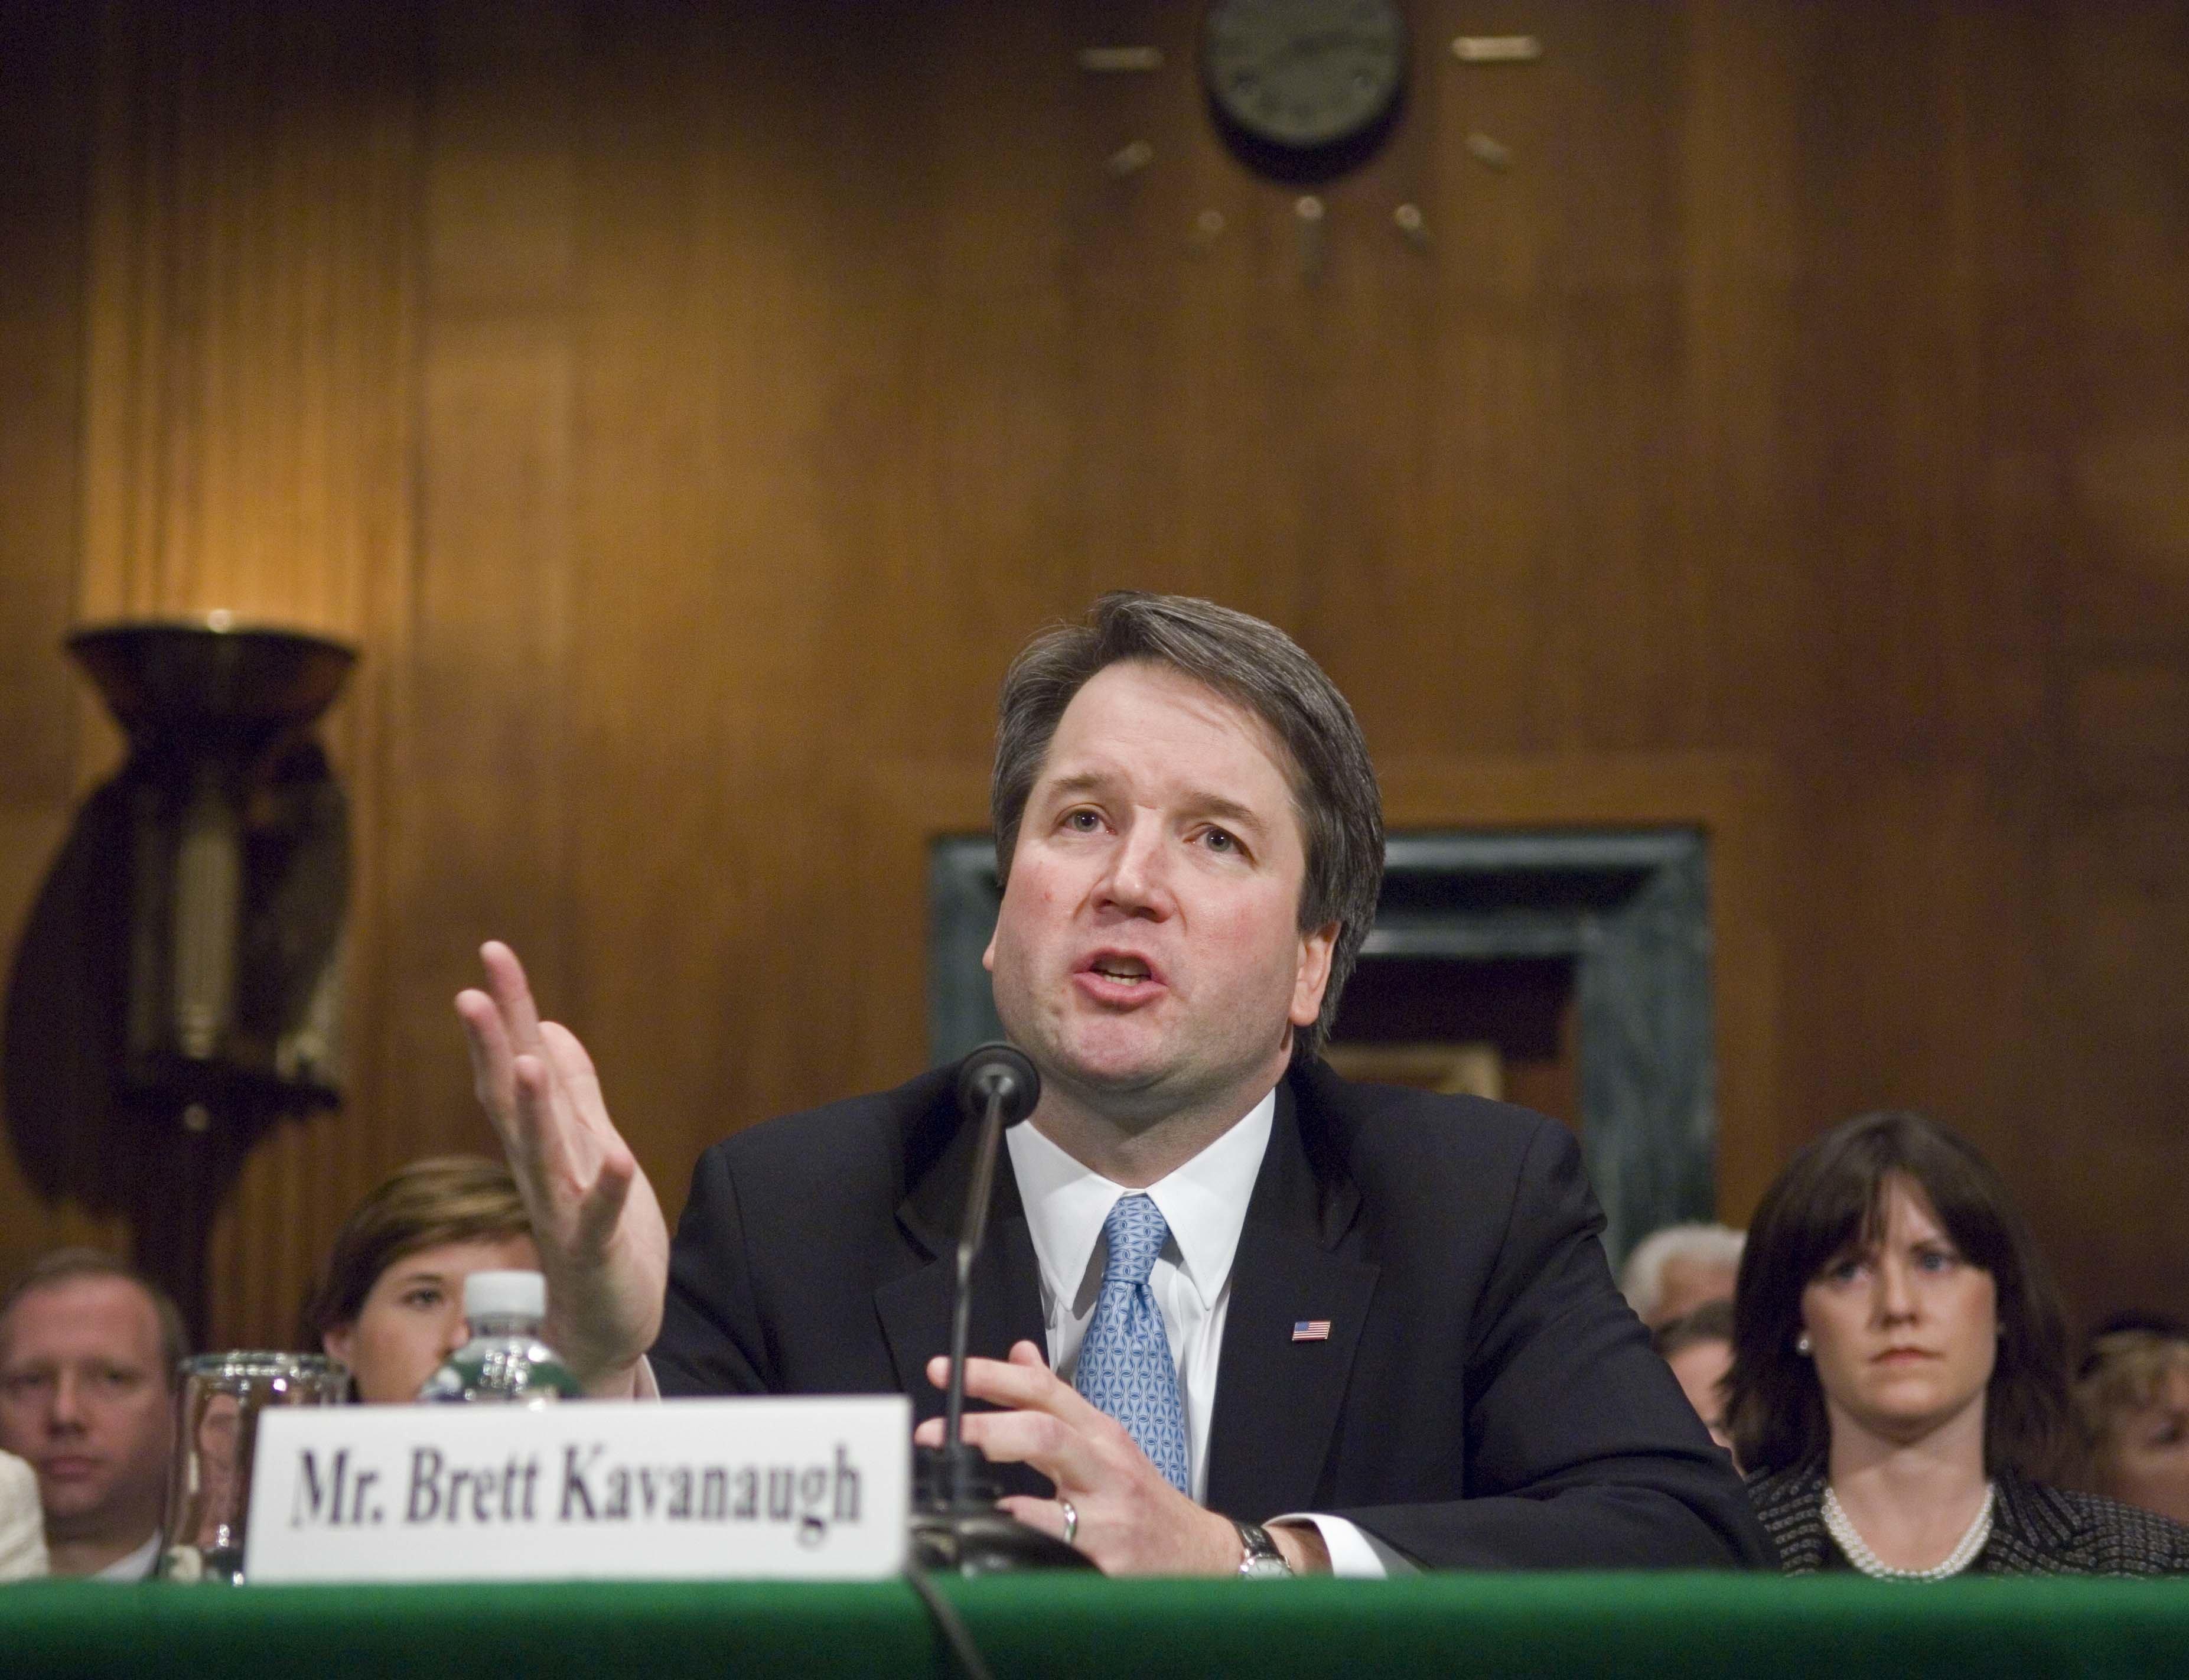 La última vez que Brett Kavanaugh compareció ante la Comisión Judicial del Senado para una audiencia...